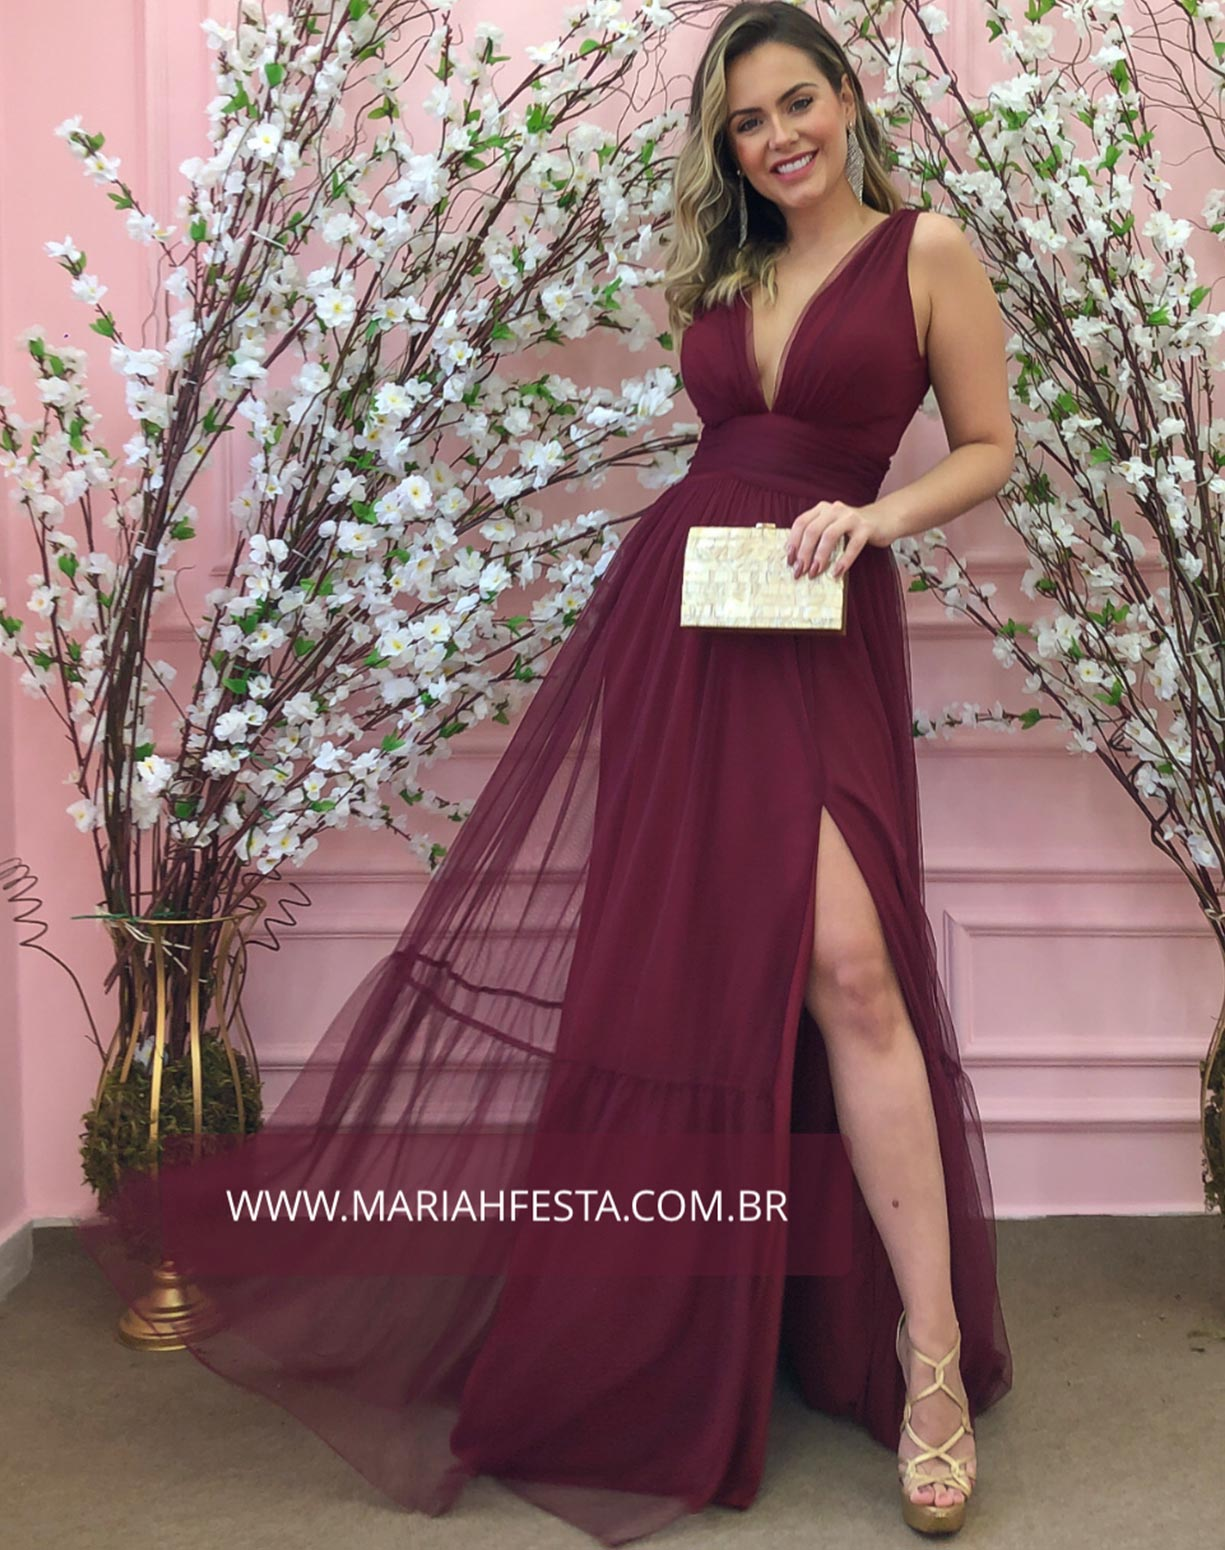 Vestido Marsala em Tule de Saia Evasê com Fenda